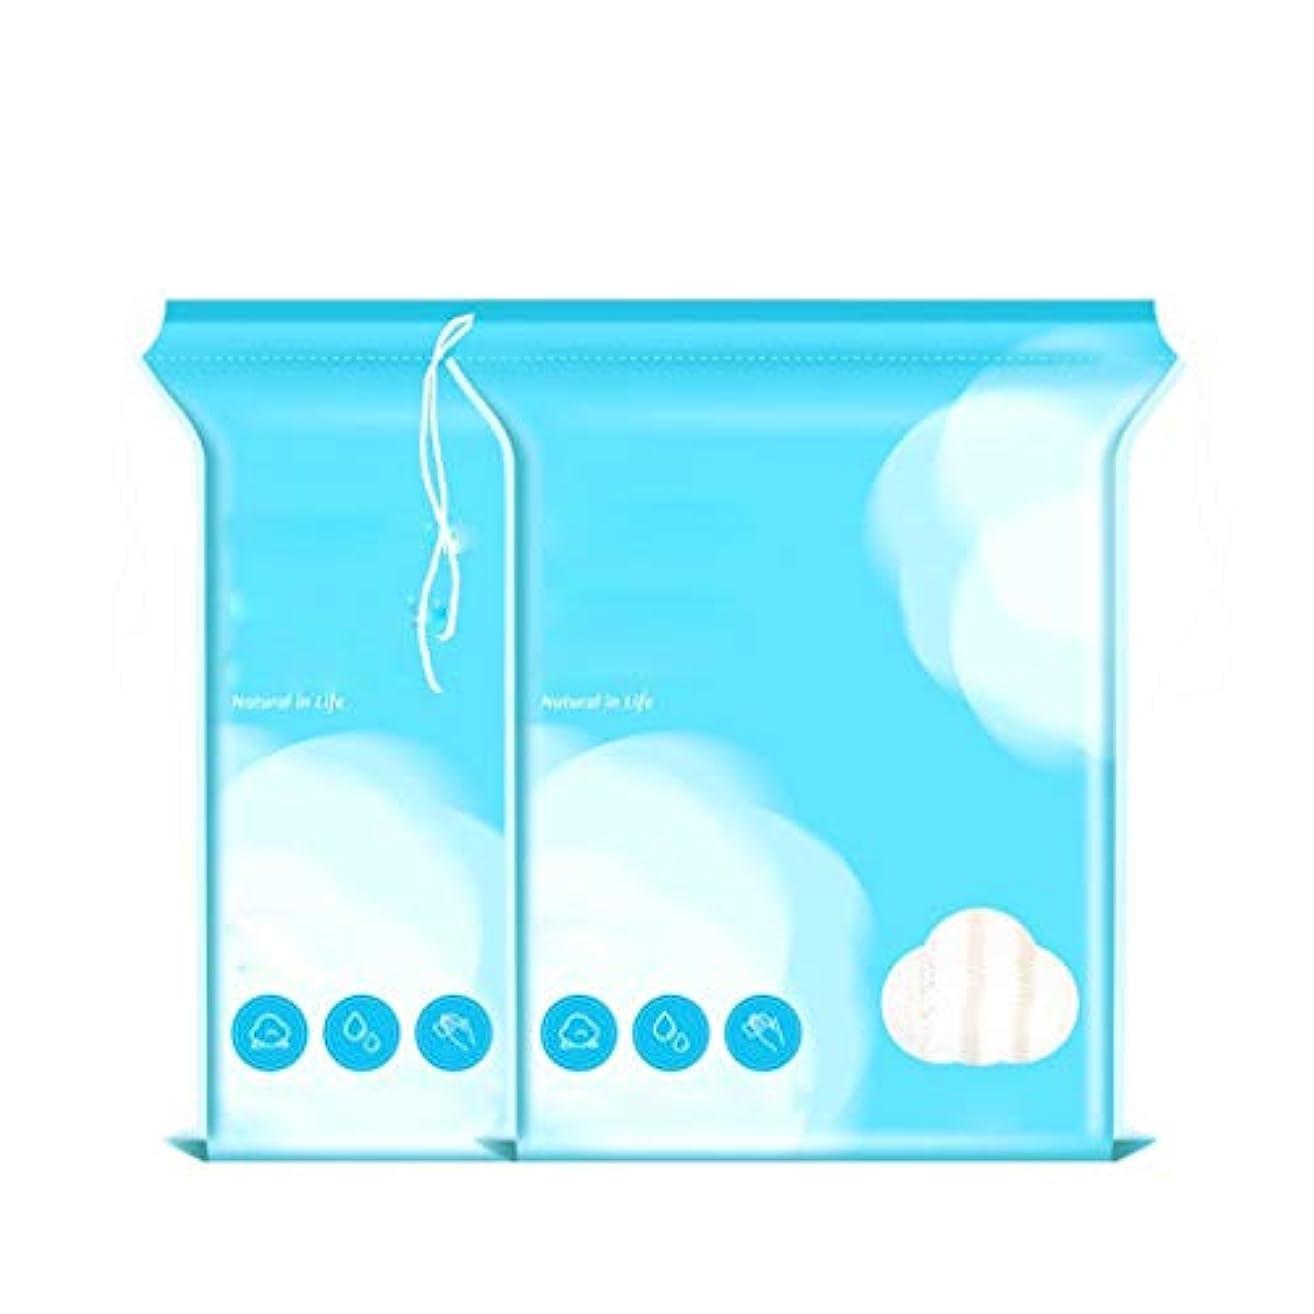 説教水っぽい追記クレンジングシート コットンパッドクレンジングコットンコットンフェイスディープクレンジングアンロードコットン節水メイク落としコットン (Color : 2 package)